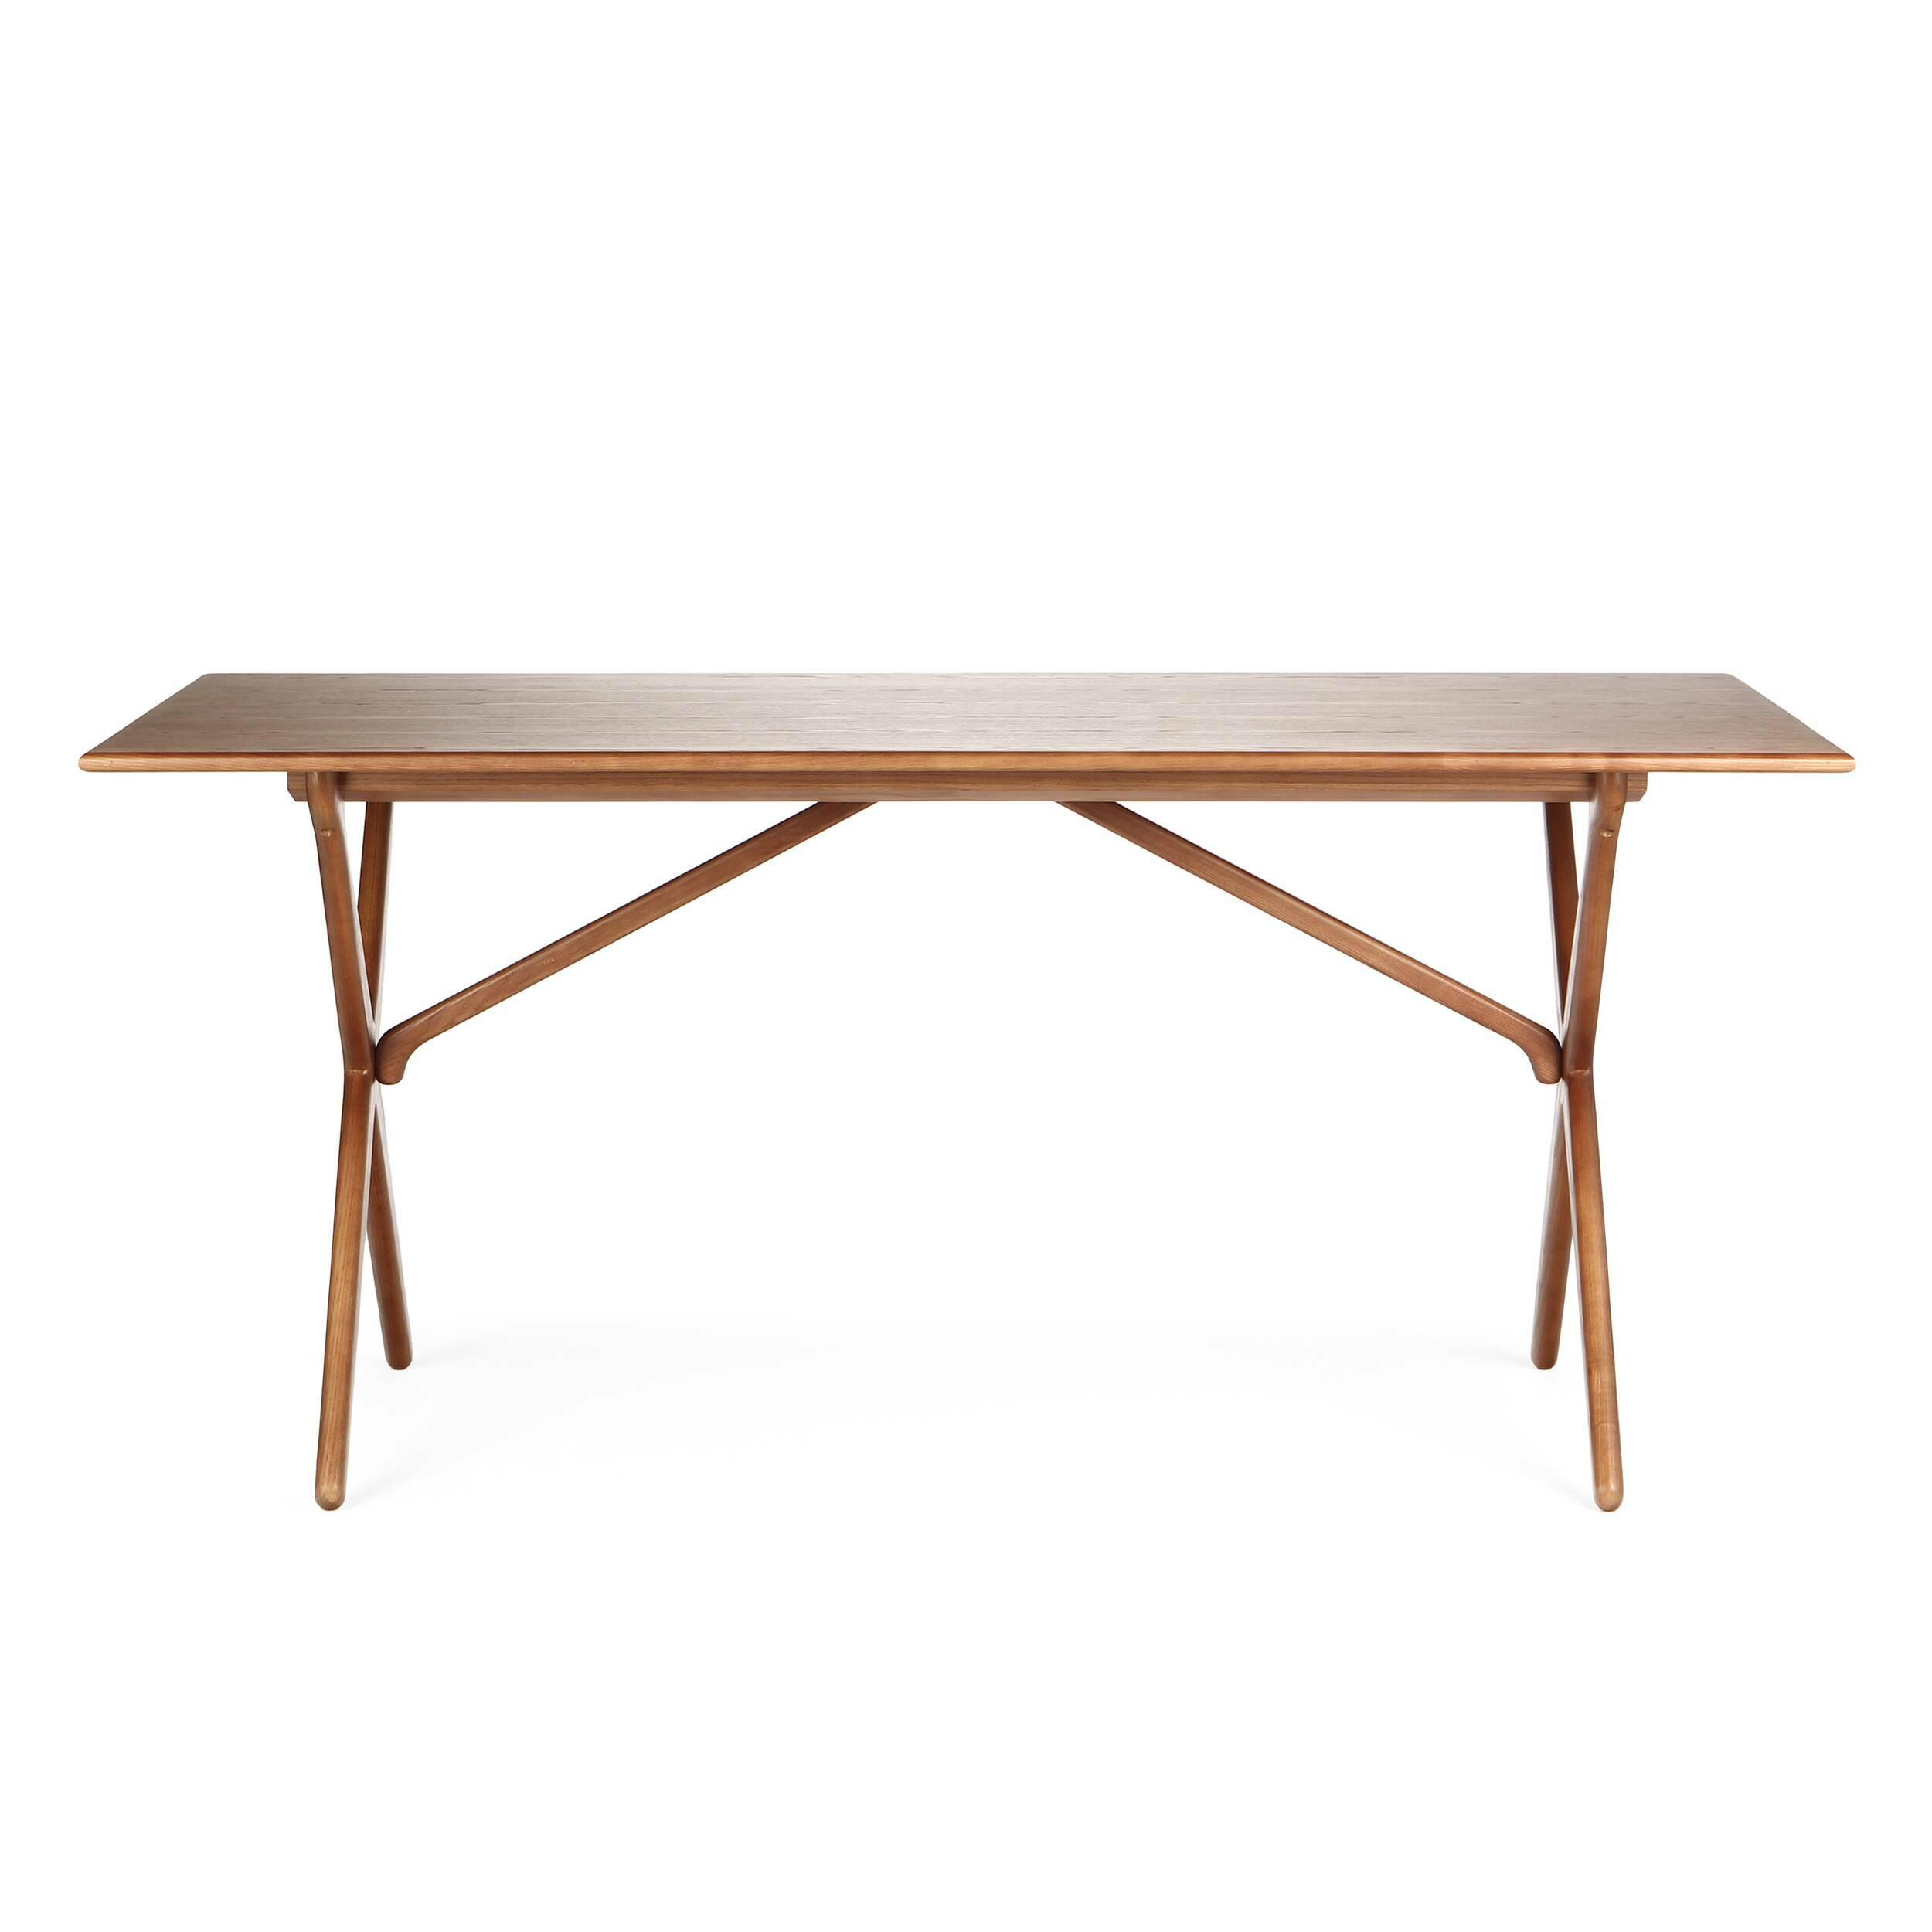 Обеденный стол CrossОбеденные<br>Дизайнерская легкий деревянный обеденный стол Cross прямоугольной формы от Cosmo (Космо).<br>         Этот обеденный стол с Х-образными ножками является одним из знаменитых дизайнов датской классики, созданных еще в 60-х годах.<br><br><br> Стол Cross изготовлен из древесины ясеня или американского ореха. Эти материалы обладают высокой прочностью и красивой текстурой. Ножки изготовлены из такой же качественной древесины и собраны в оригинальную Х-образную конструкцию, которая удивит вас своим интересн...<br><br>stock: 0<br>Высота: 75<br>Ширина: 85,5<br>Длина: 165,5<br>Цвет ножек: Орех американский<br>Цвет столешницы: Орех американский<br>Материал ножек: Массив ясеня<br>Материал столешницы: МДФ, шпон ясеня<br>Тип материала столешницы: МДФ<br>Тип материала ножек: Дерево